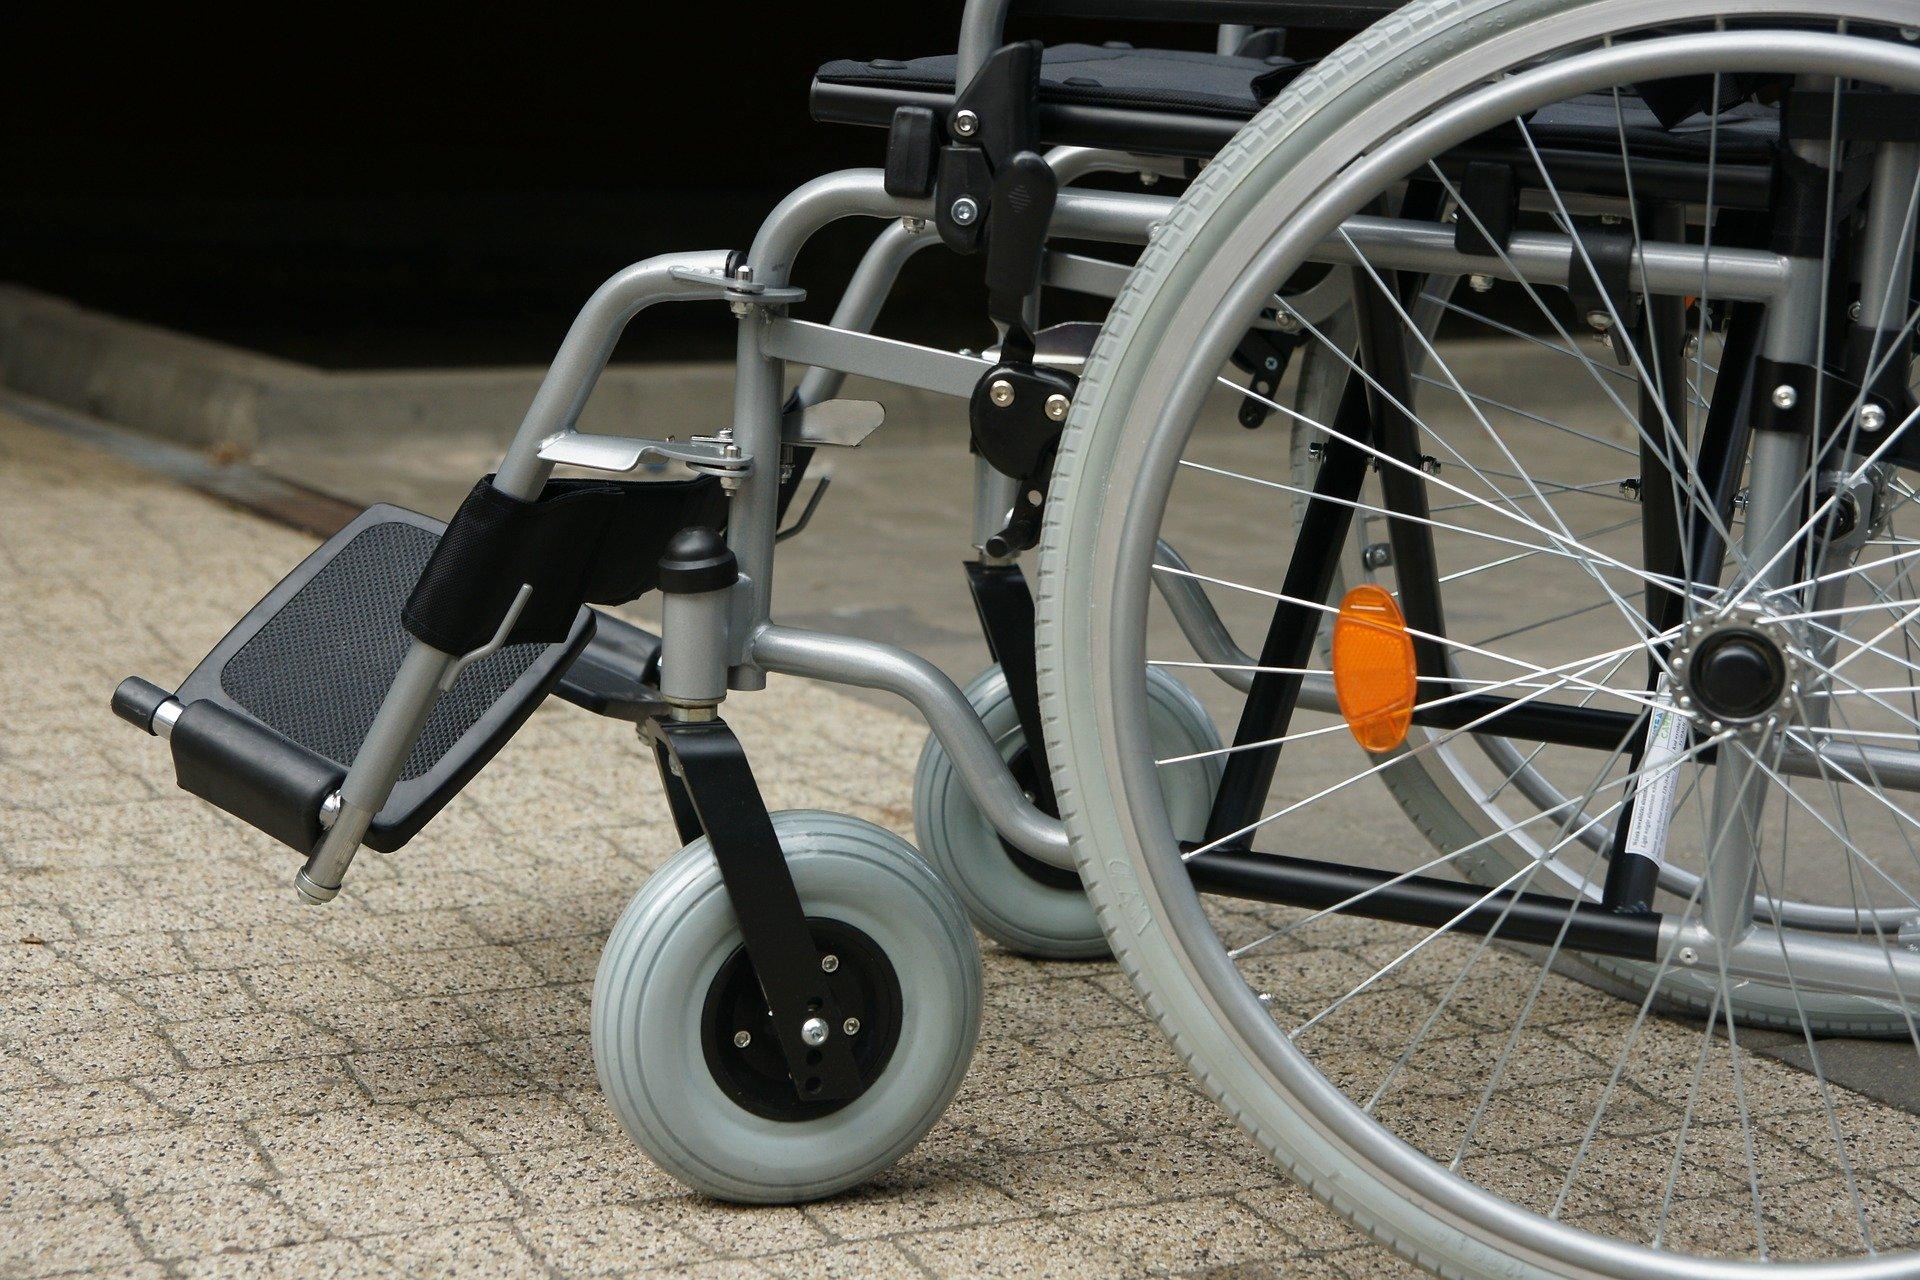 Mobilny urzędnik dotrze do niepełnosprawnych